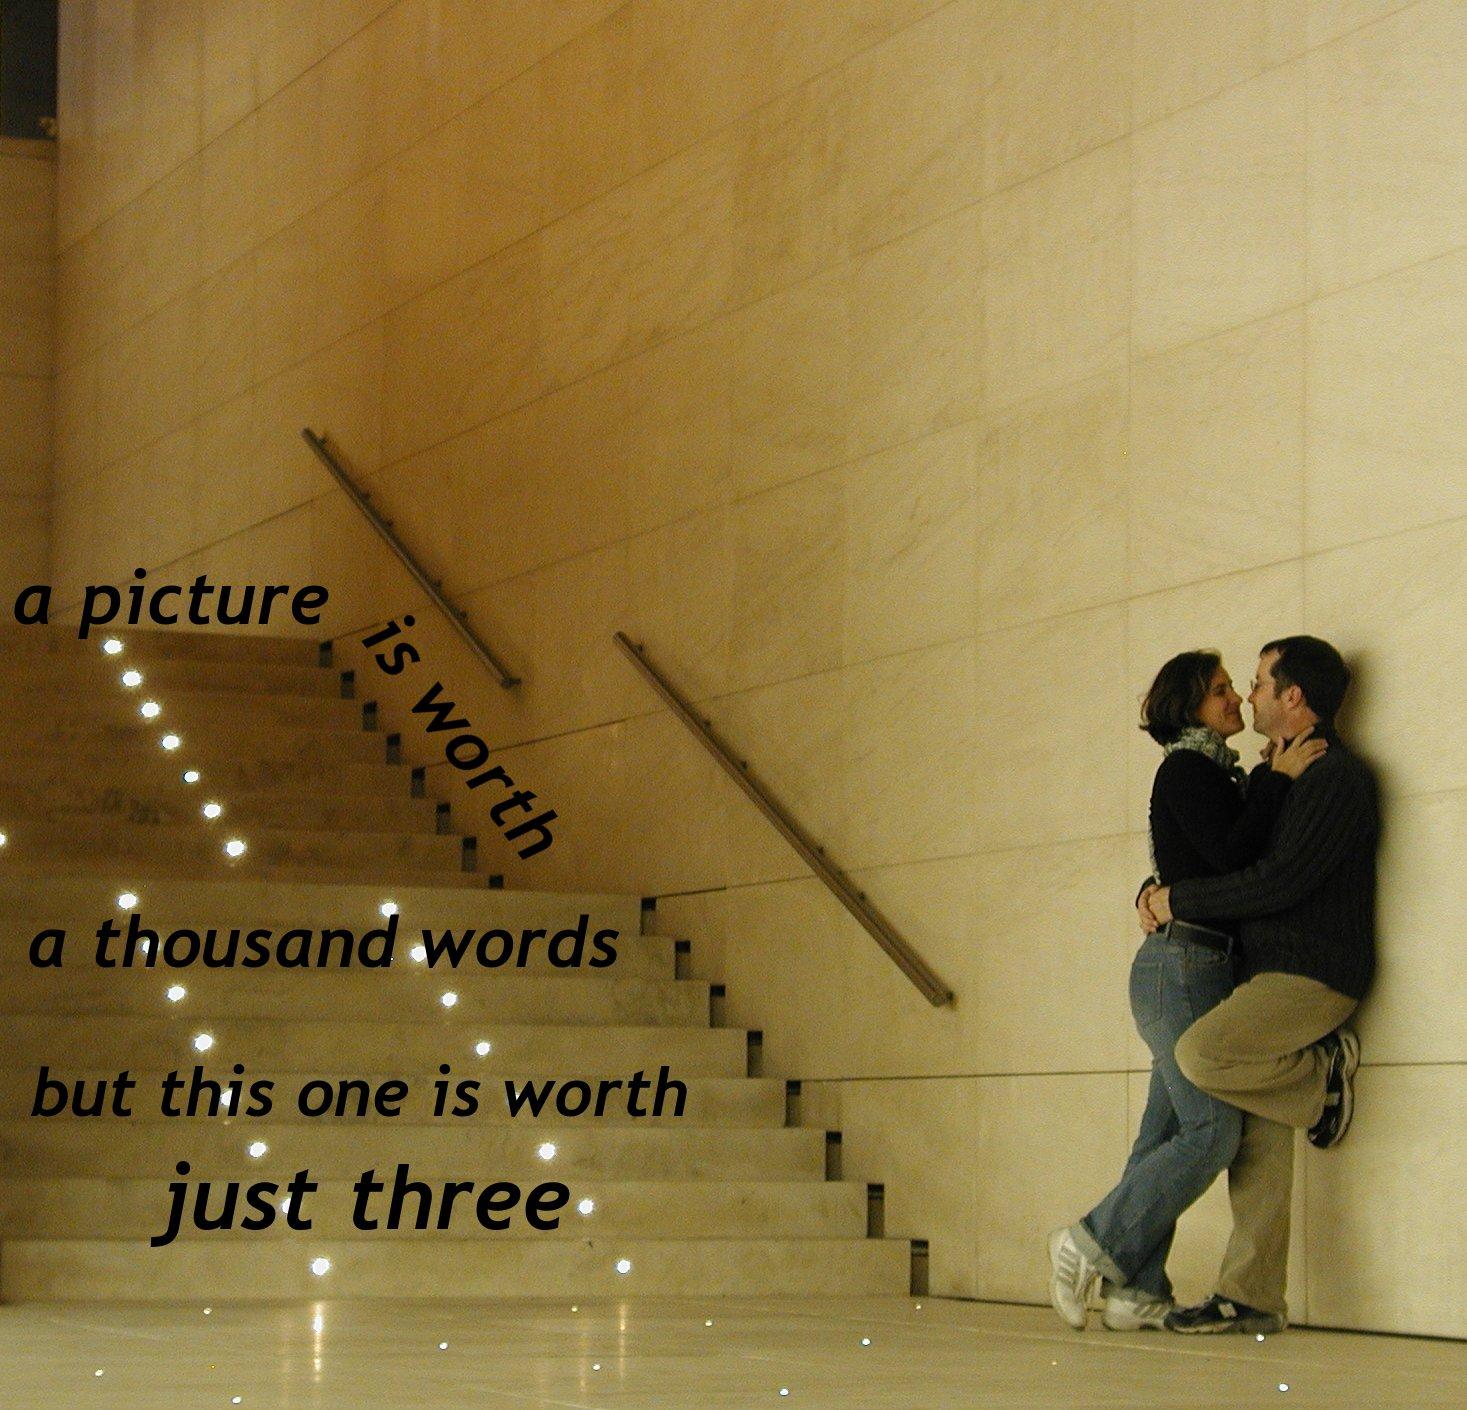 http://4.bp.blogspot.com/_tg42ArcfTzU/TT202N_s19I/AAAAAAAACIE/1tO8nePGIAk/s1600/love+images.jpg